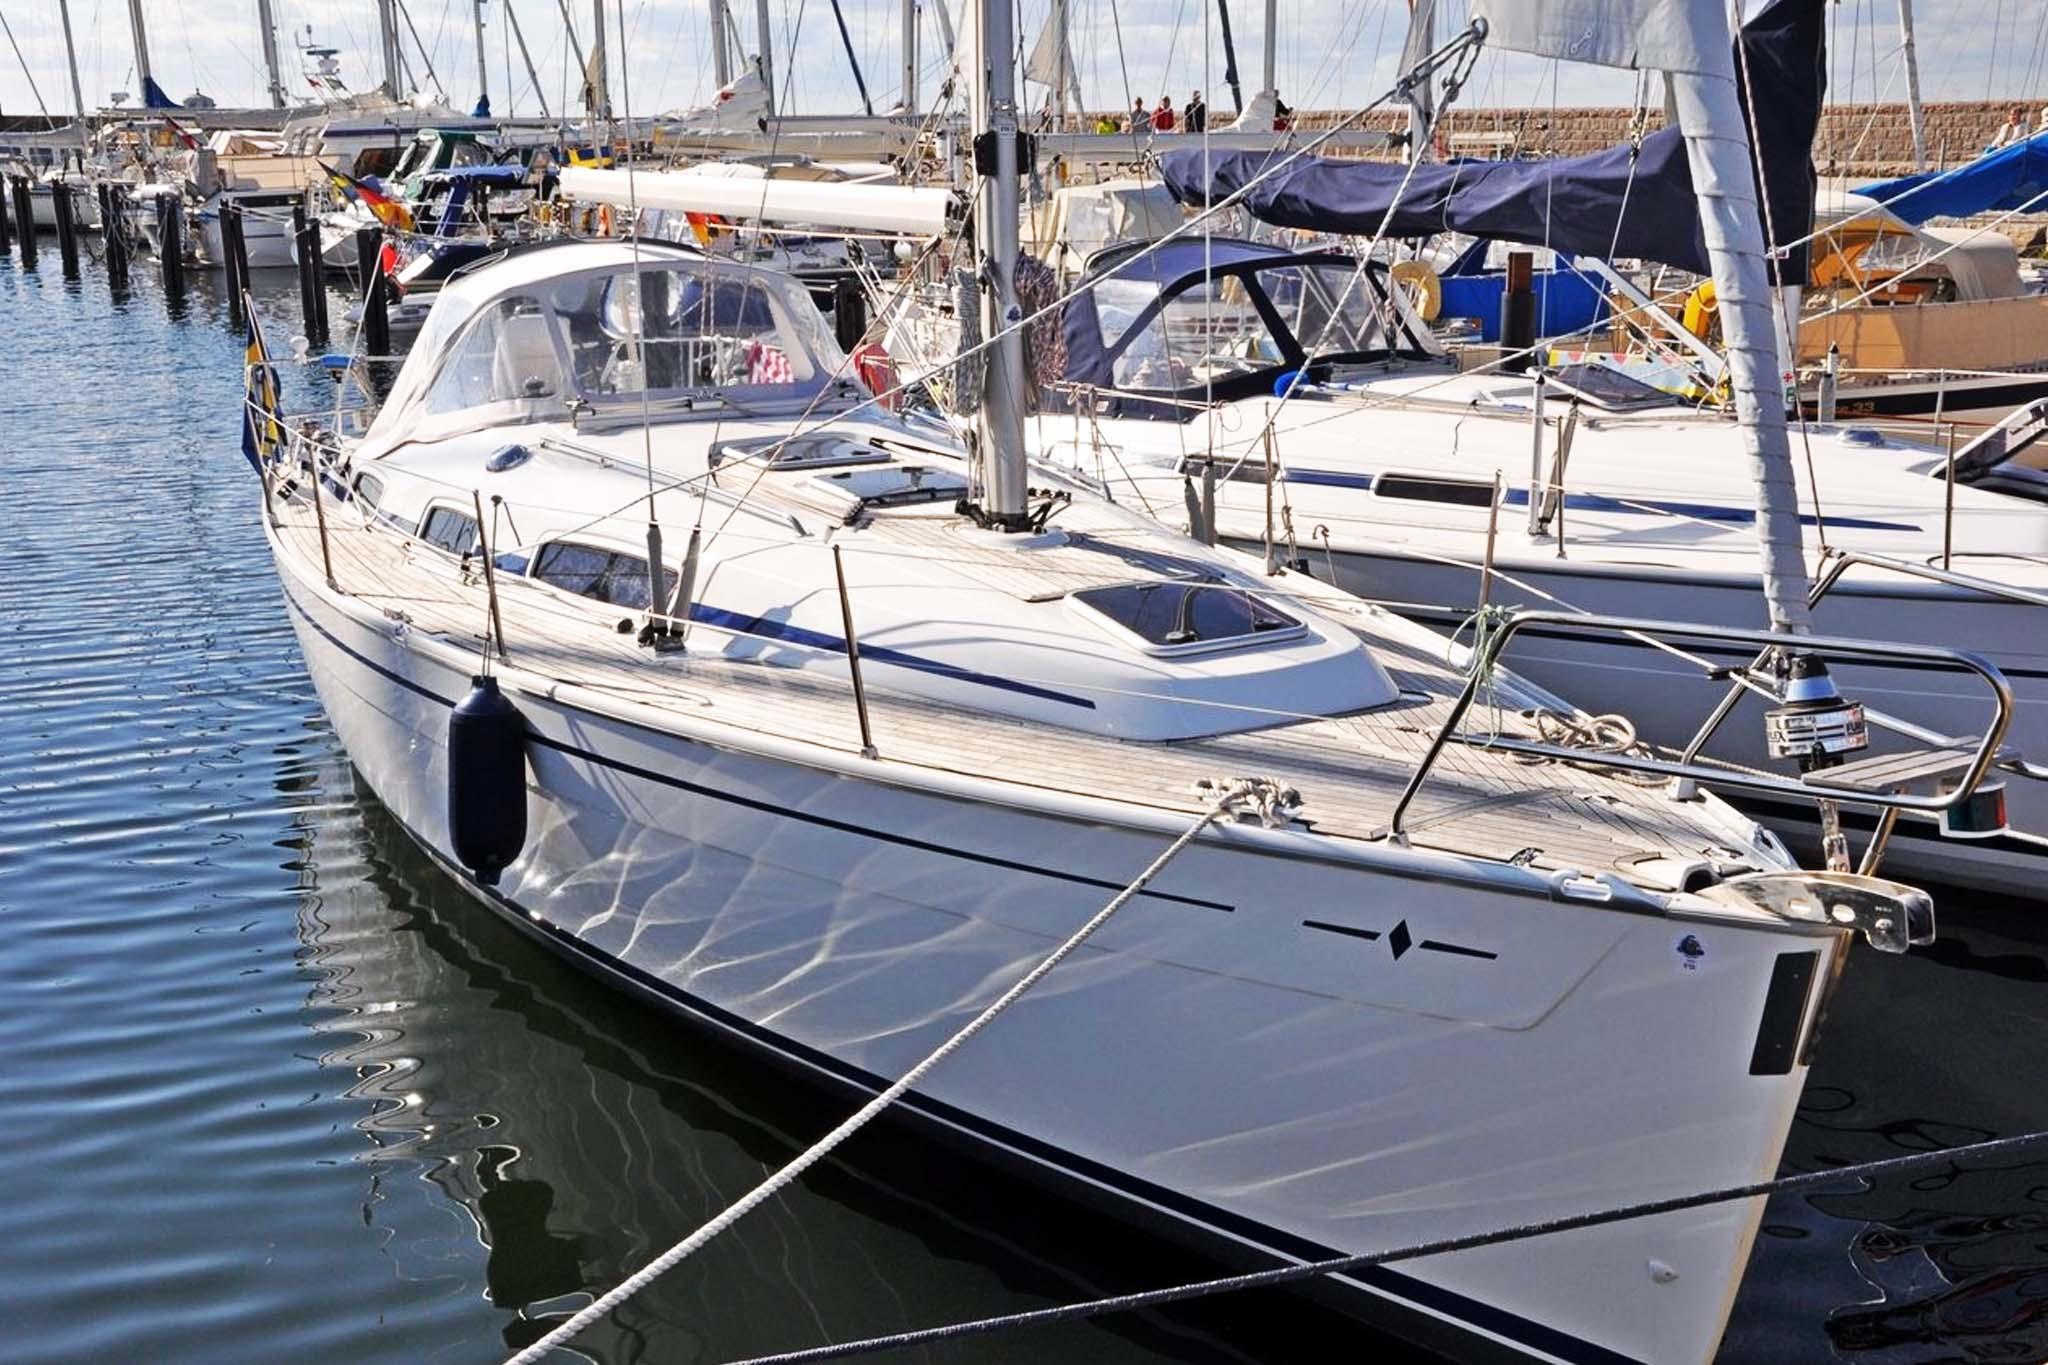 Barco privado hasta 10 personas | BarcoSitges